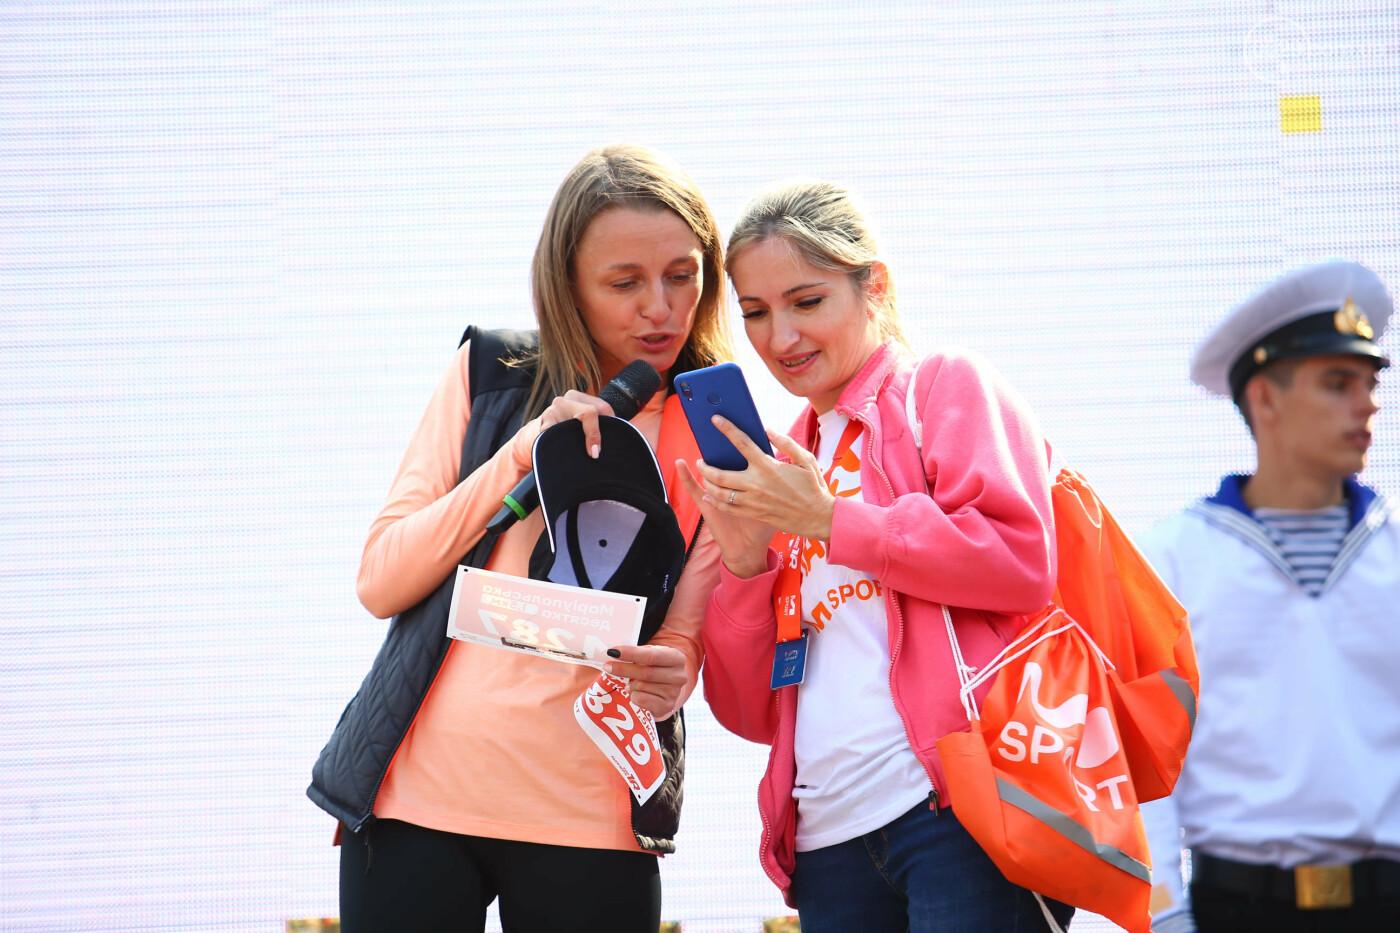 """В Мариуполе стартует массовый забег """"Мариупольская десятка"""" (ФОТООТЧЕТ), фото-147"""